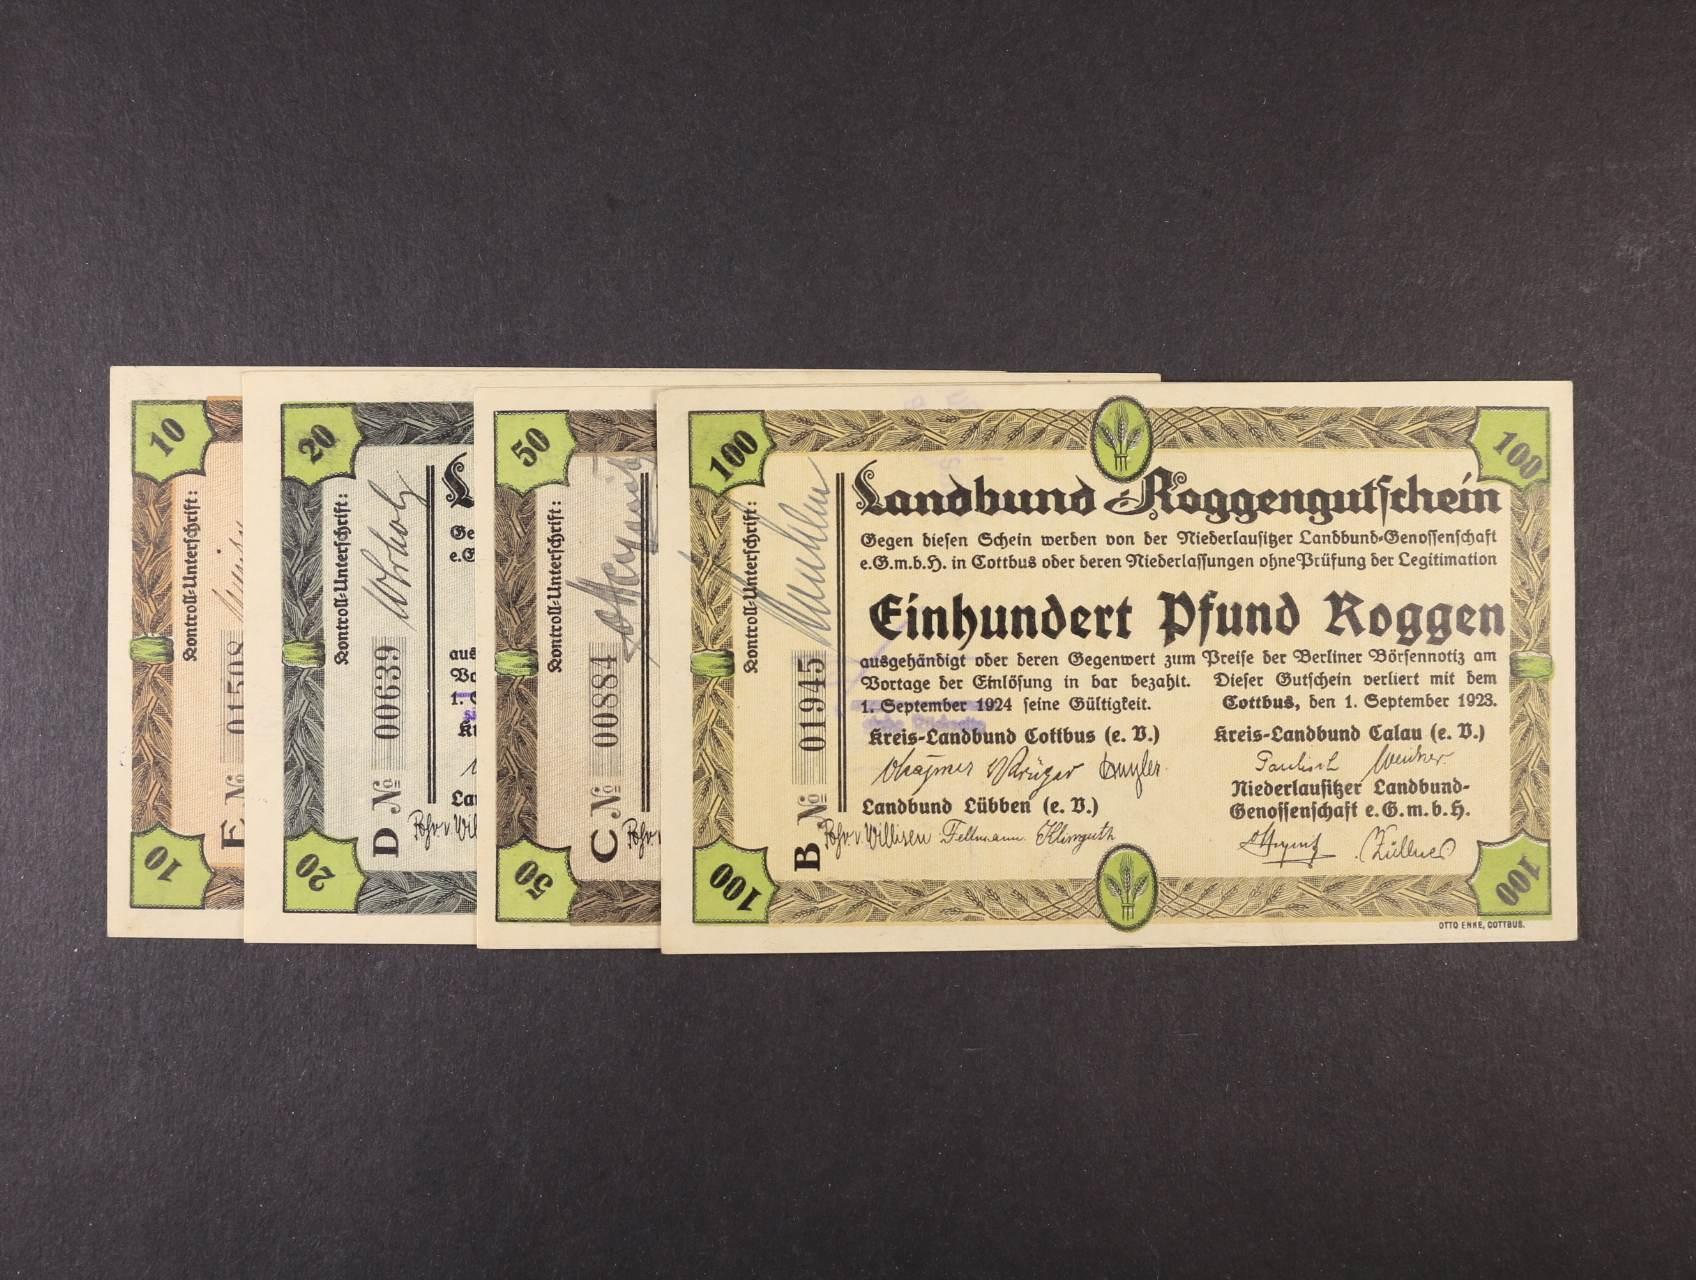 Landbund Roggen Gutsschein, 10, 20, 50, 100 Pfund Roggen (100 liber žita) 1.9.1923 Cottbus, 4ks